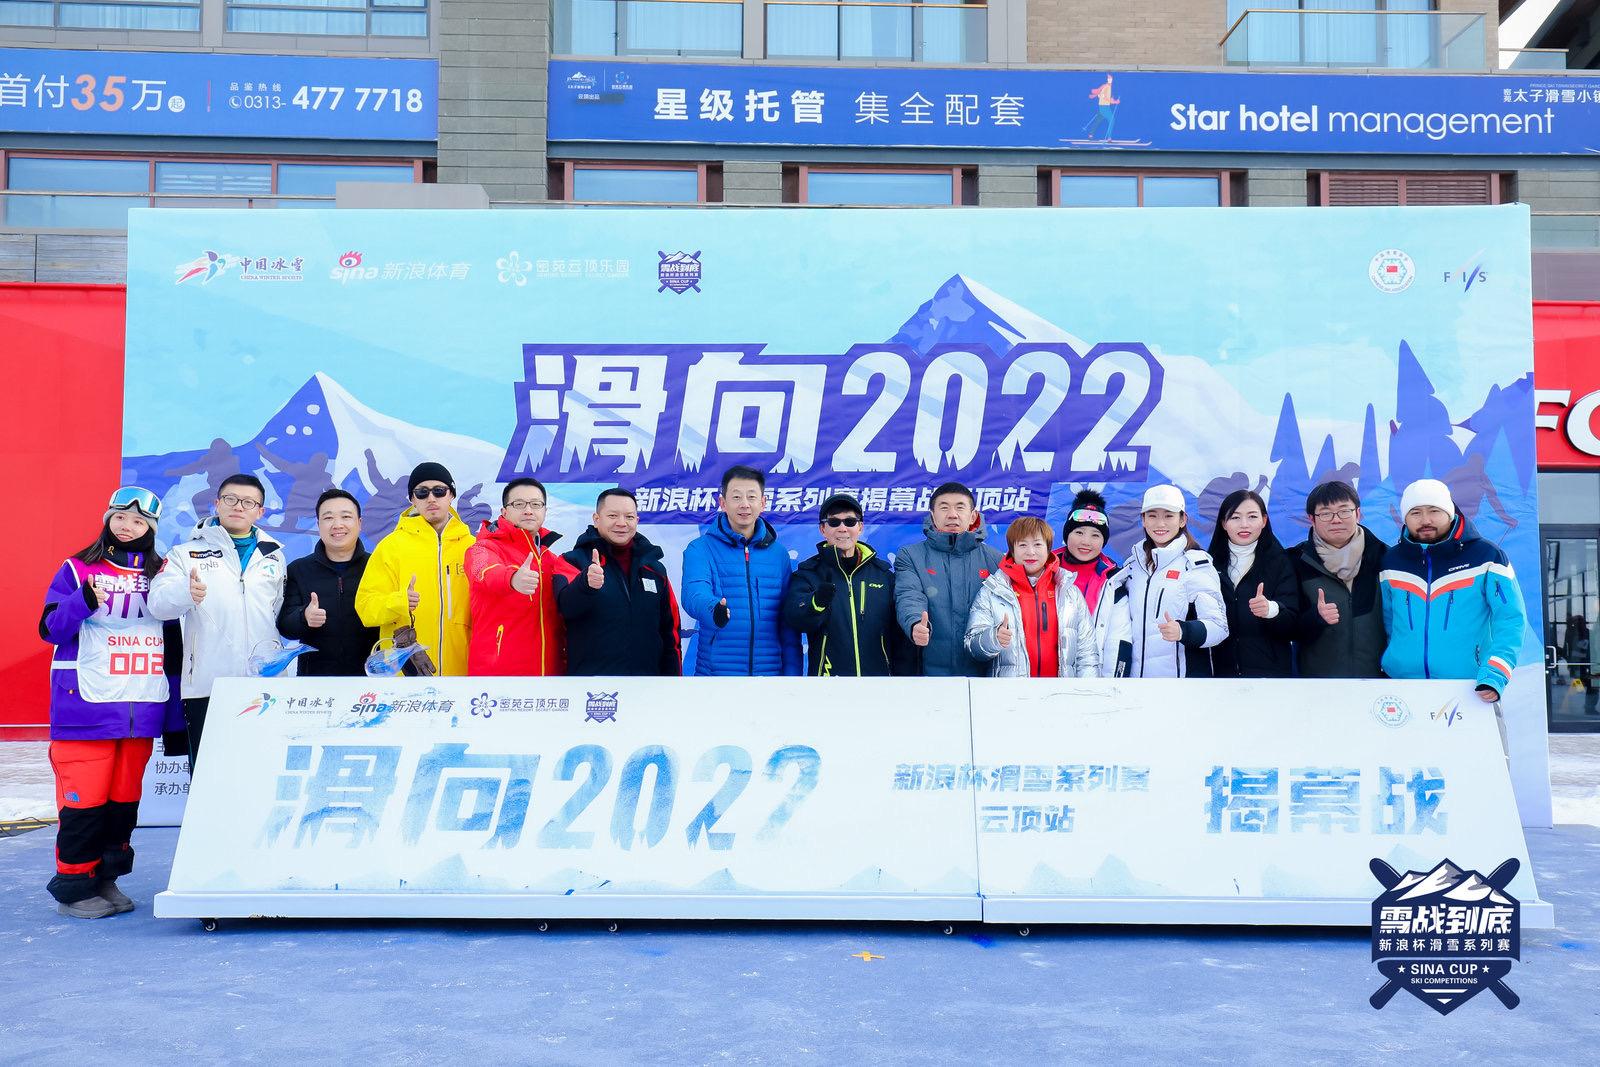 新浪杯滑雪系列赛云顶站开幕仪式